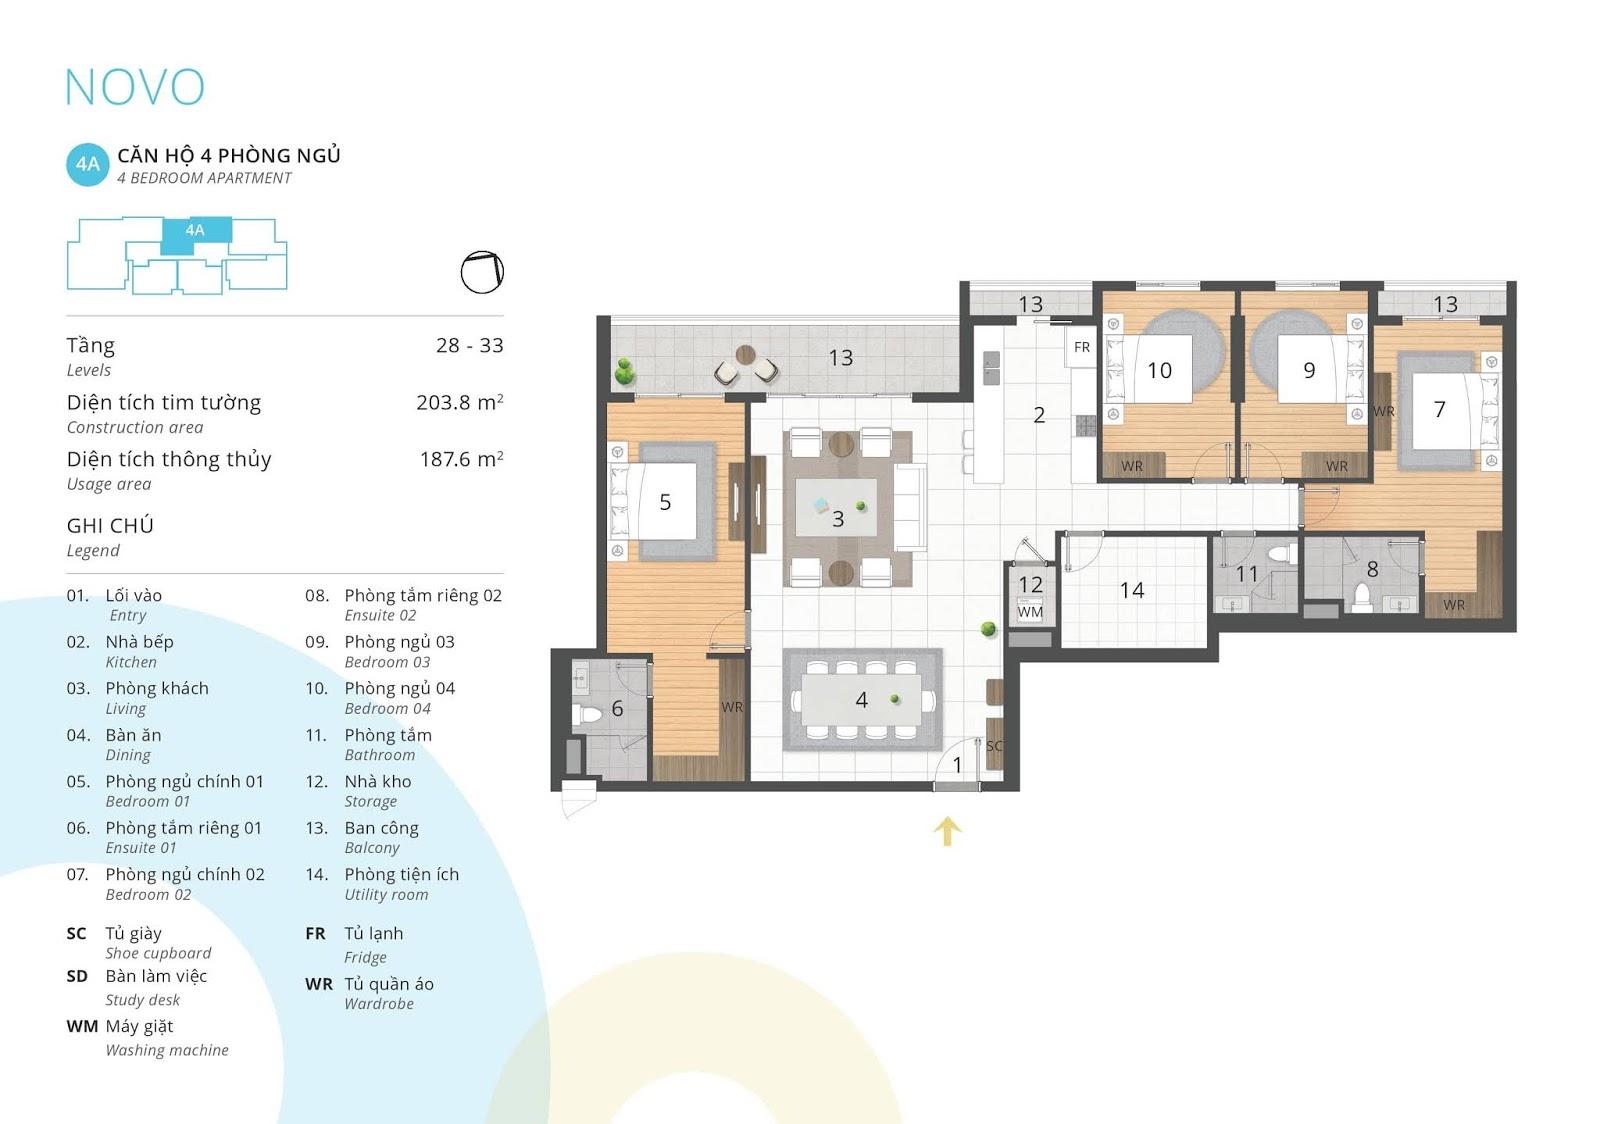 Mặt bằng căn hộ 4 phòng ngủ 187 m2 thông thủy tòa NOVO dự án Kosmo